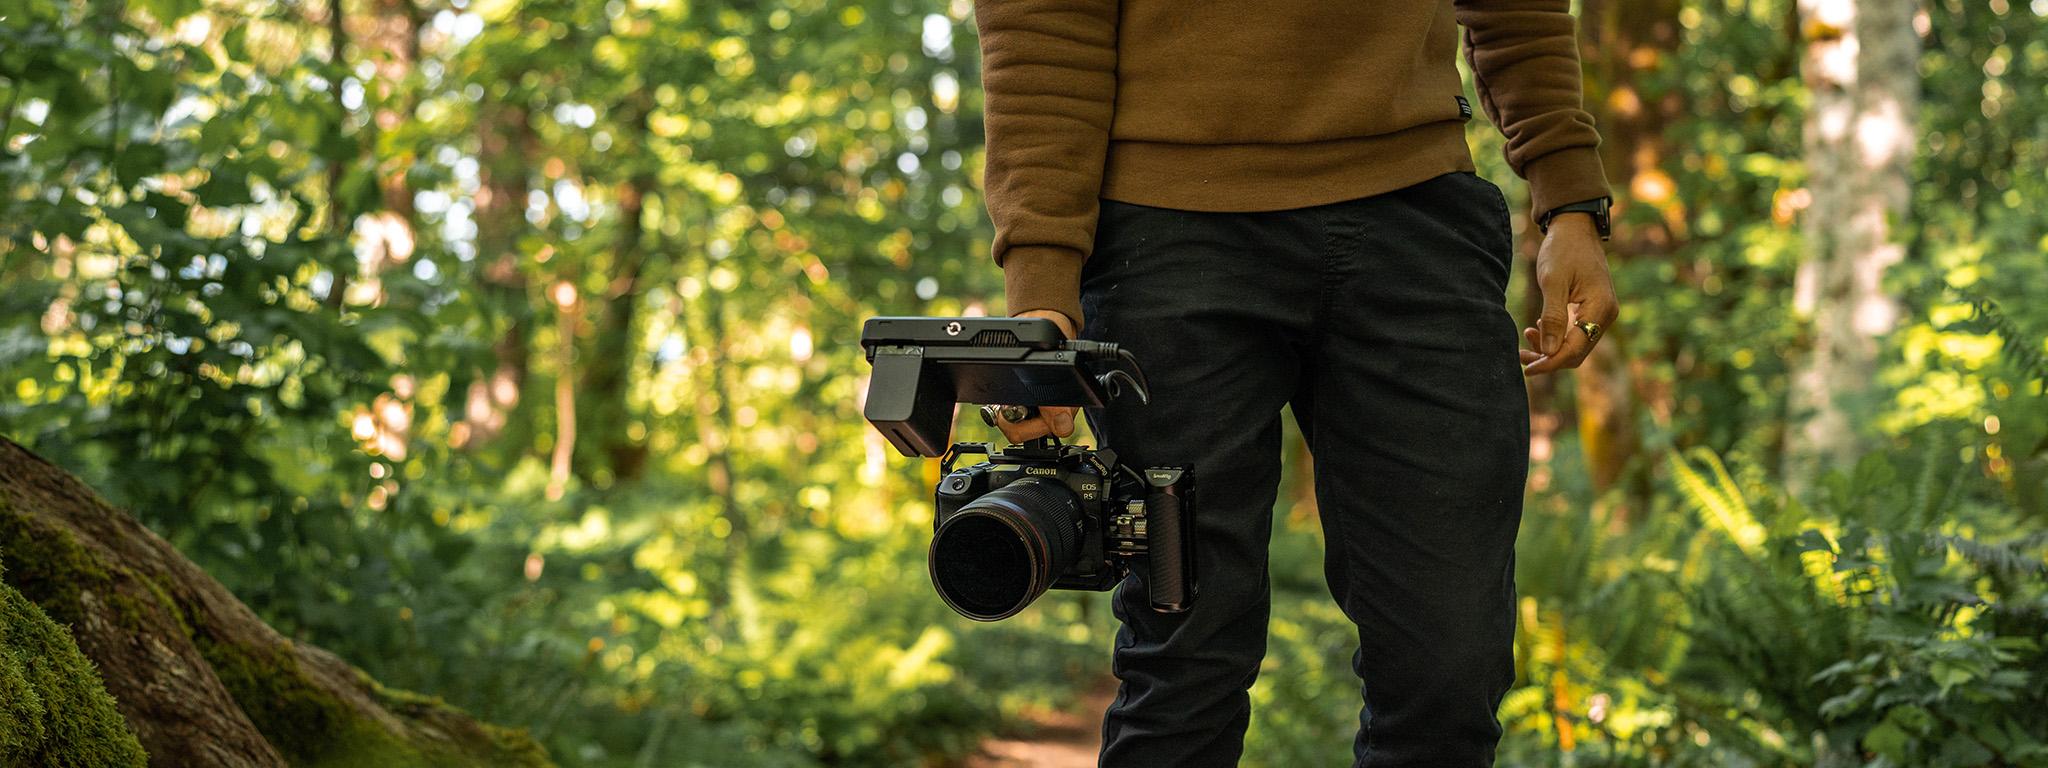 Ben sosteniendo una cámara Canon EOS R5 con un trípode en un área boscosa.